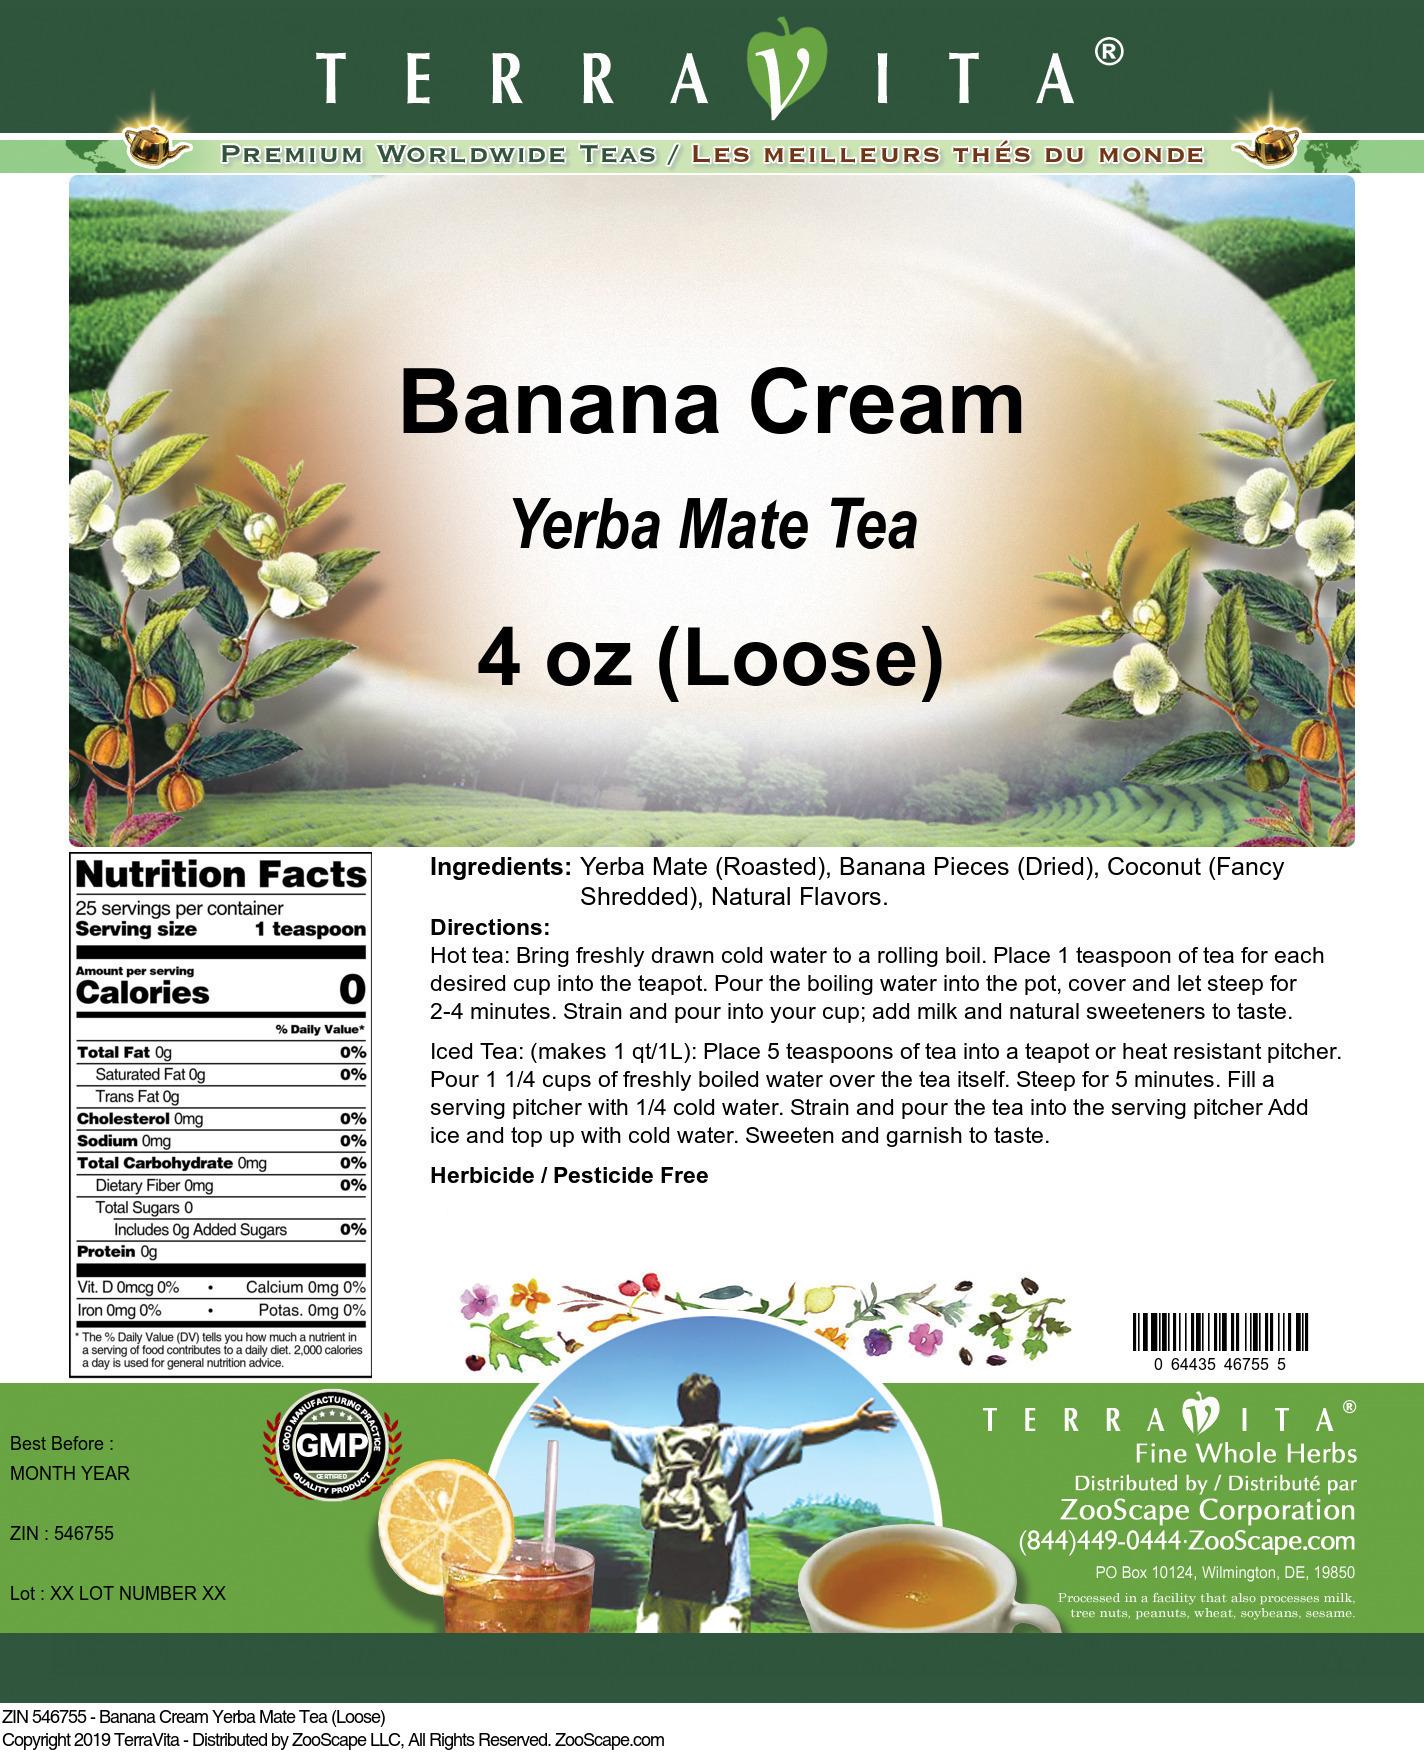 Banana Cream Yerba Mate